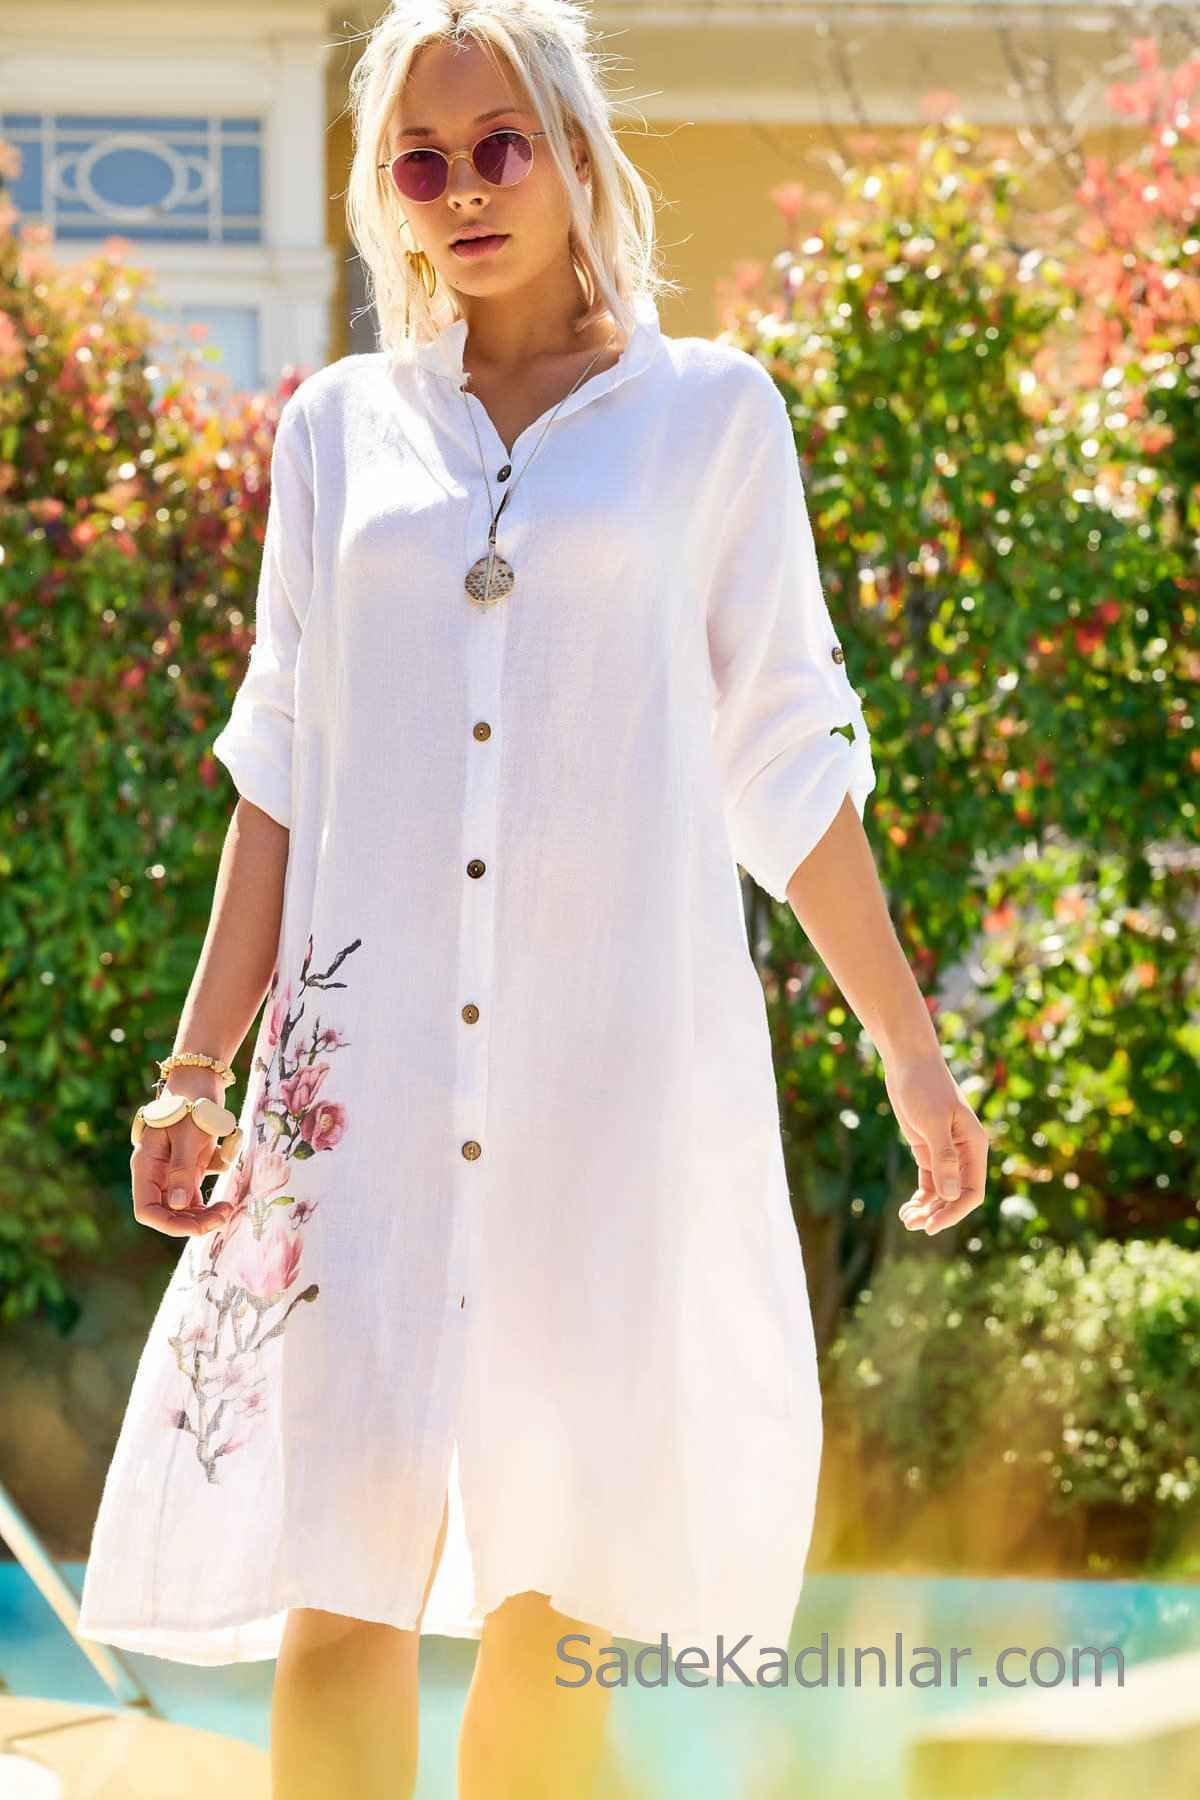 2020 gunluk keten elbise modelleri beyaz dizboyu yakali yetim kol dugmeli nakis islemeli kiyafet kombinleri elbise modelleri elbise the dress